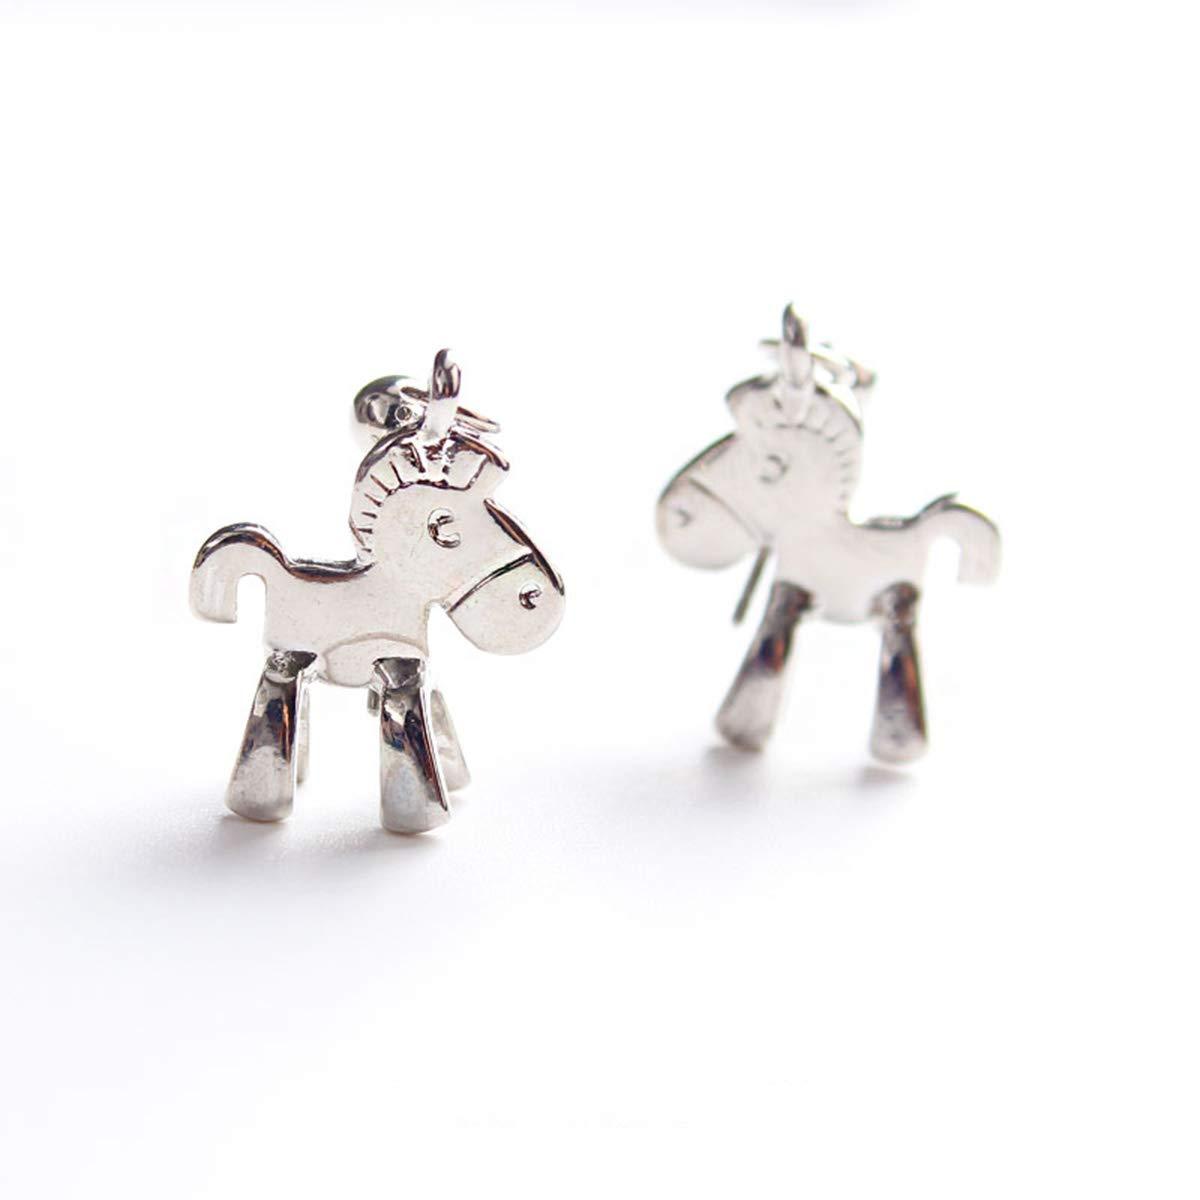 Libaraba Trojan Horse Stud Earrings with Jewelry Box,Trojan Horse Earrings for Women